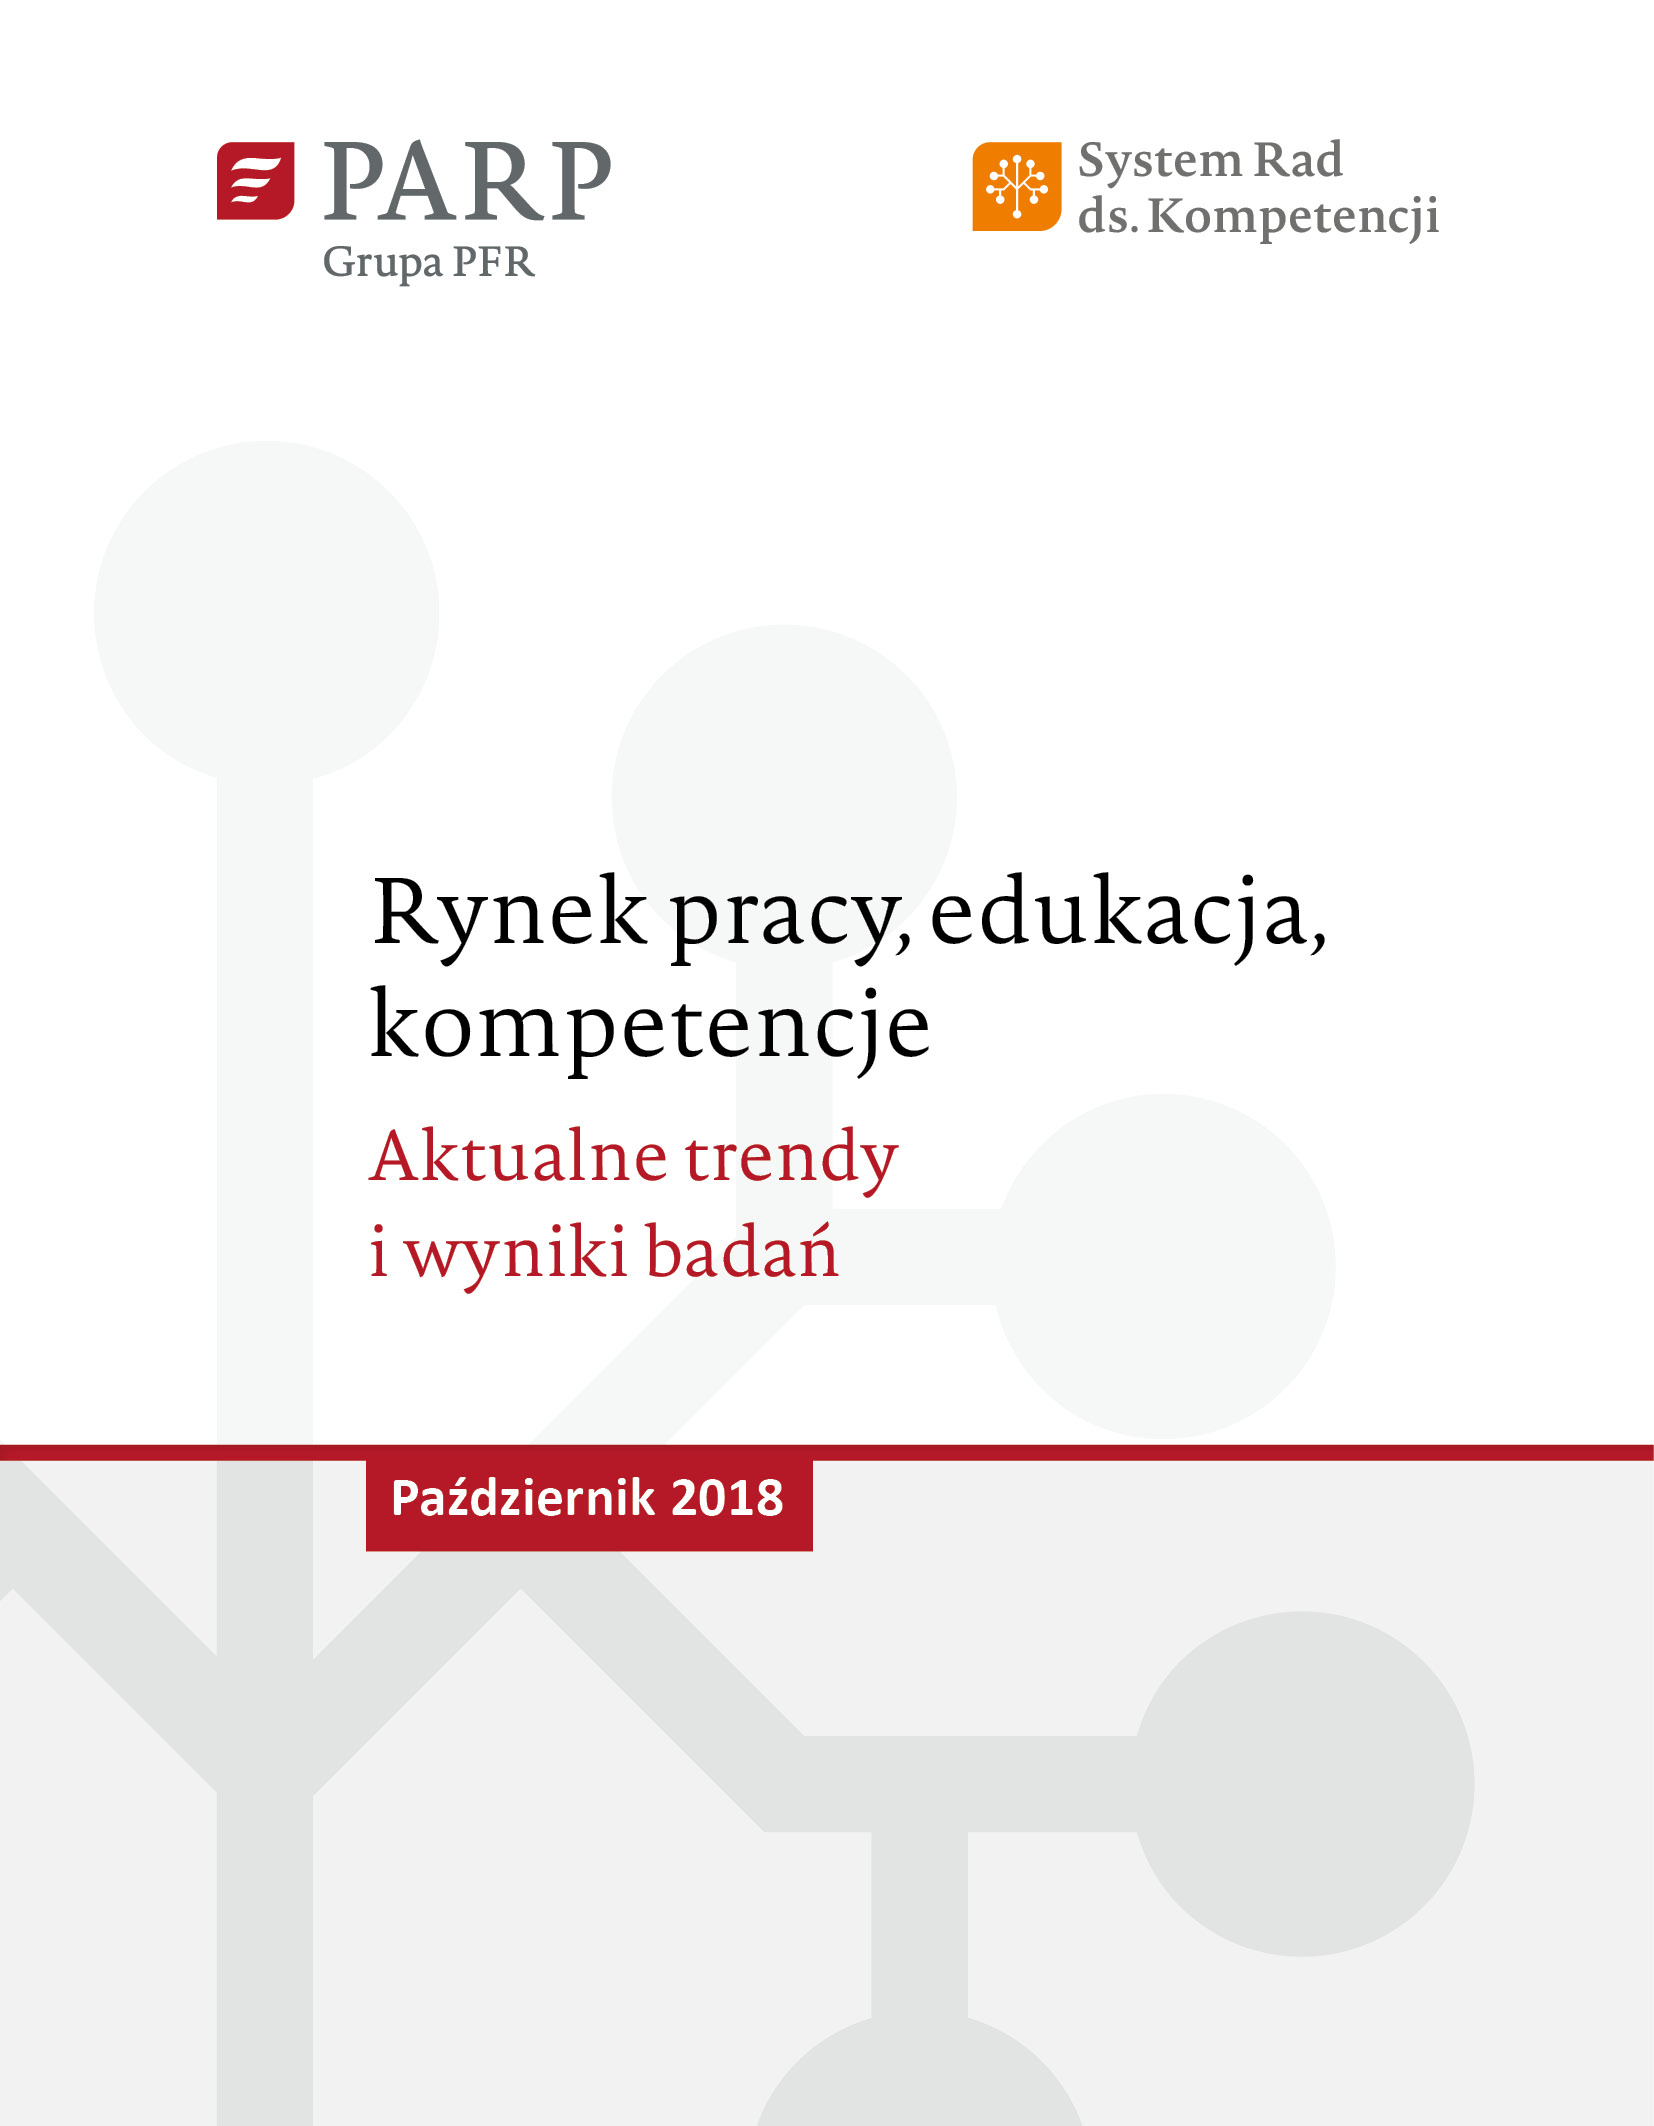 Rynek pracy, edukacja, kompetencje - październik 2018